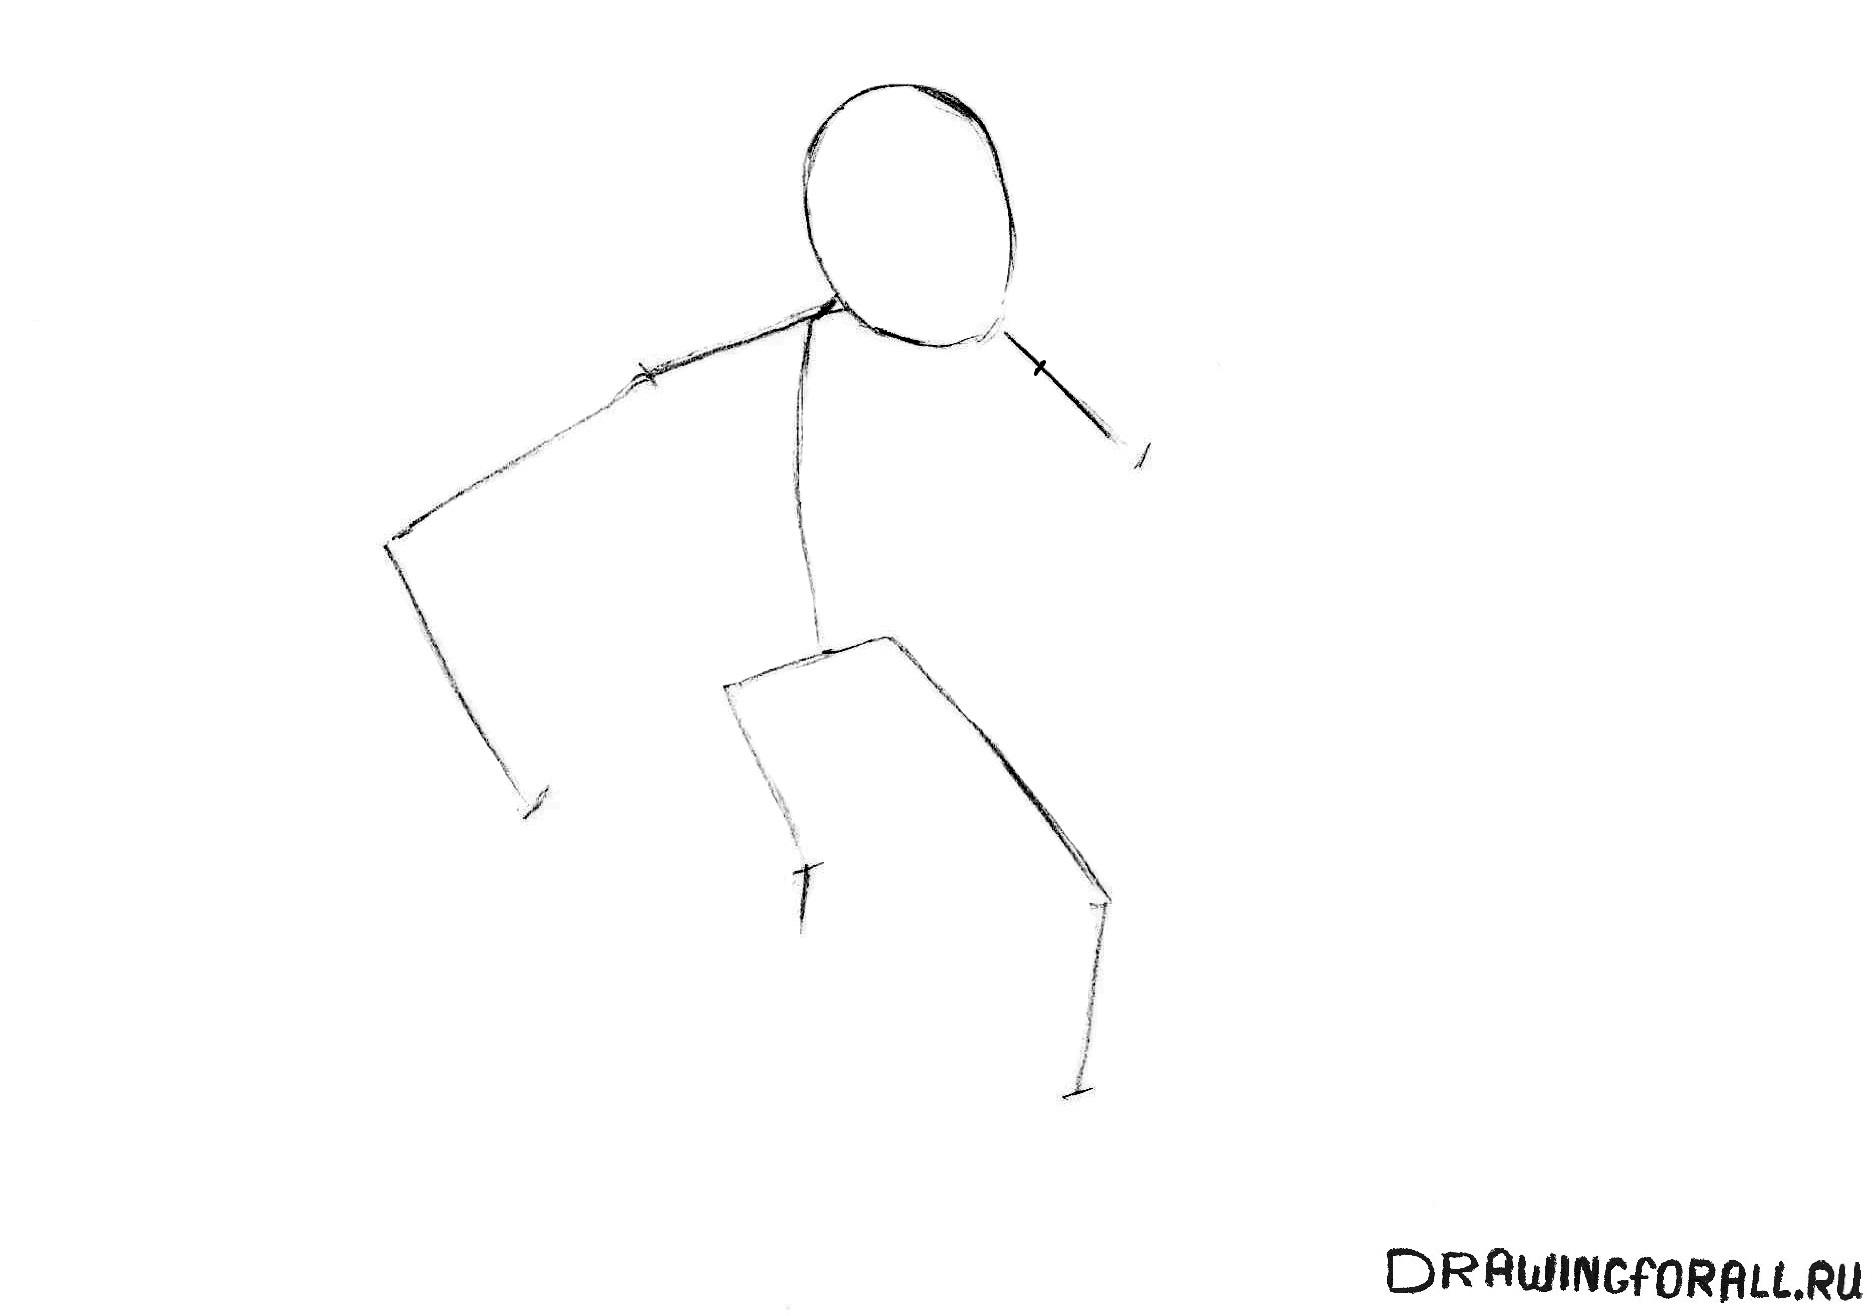 как нарисовать циклопа карандашом